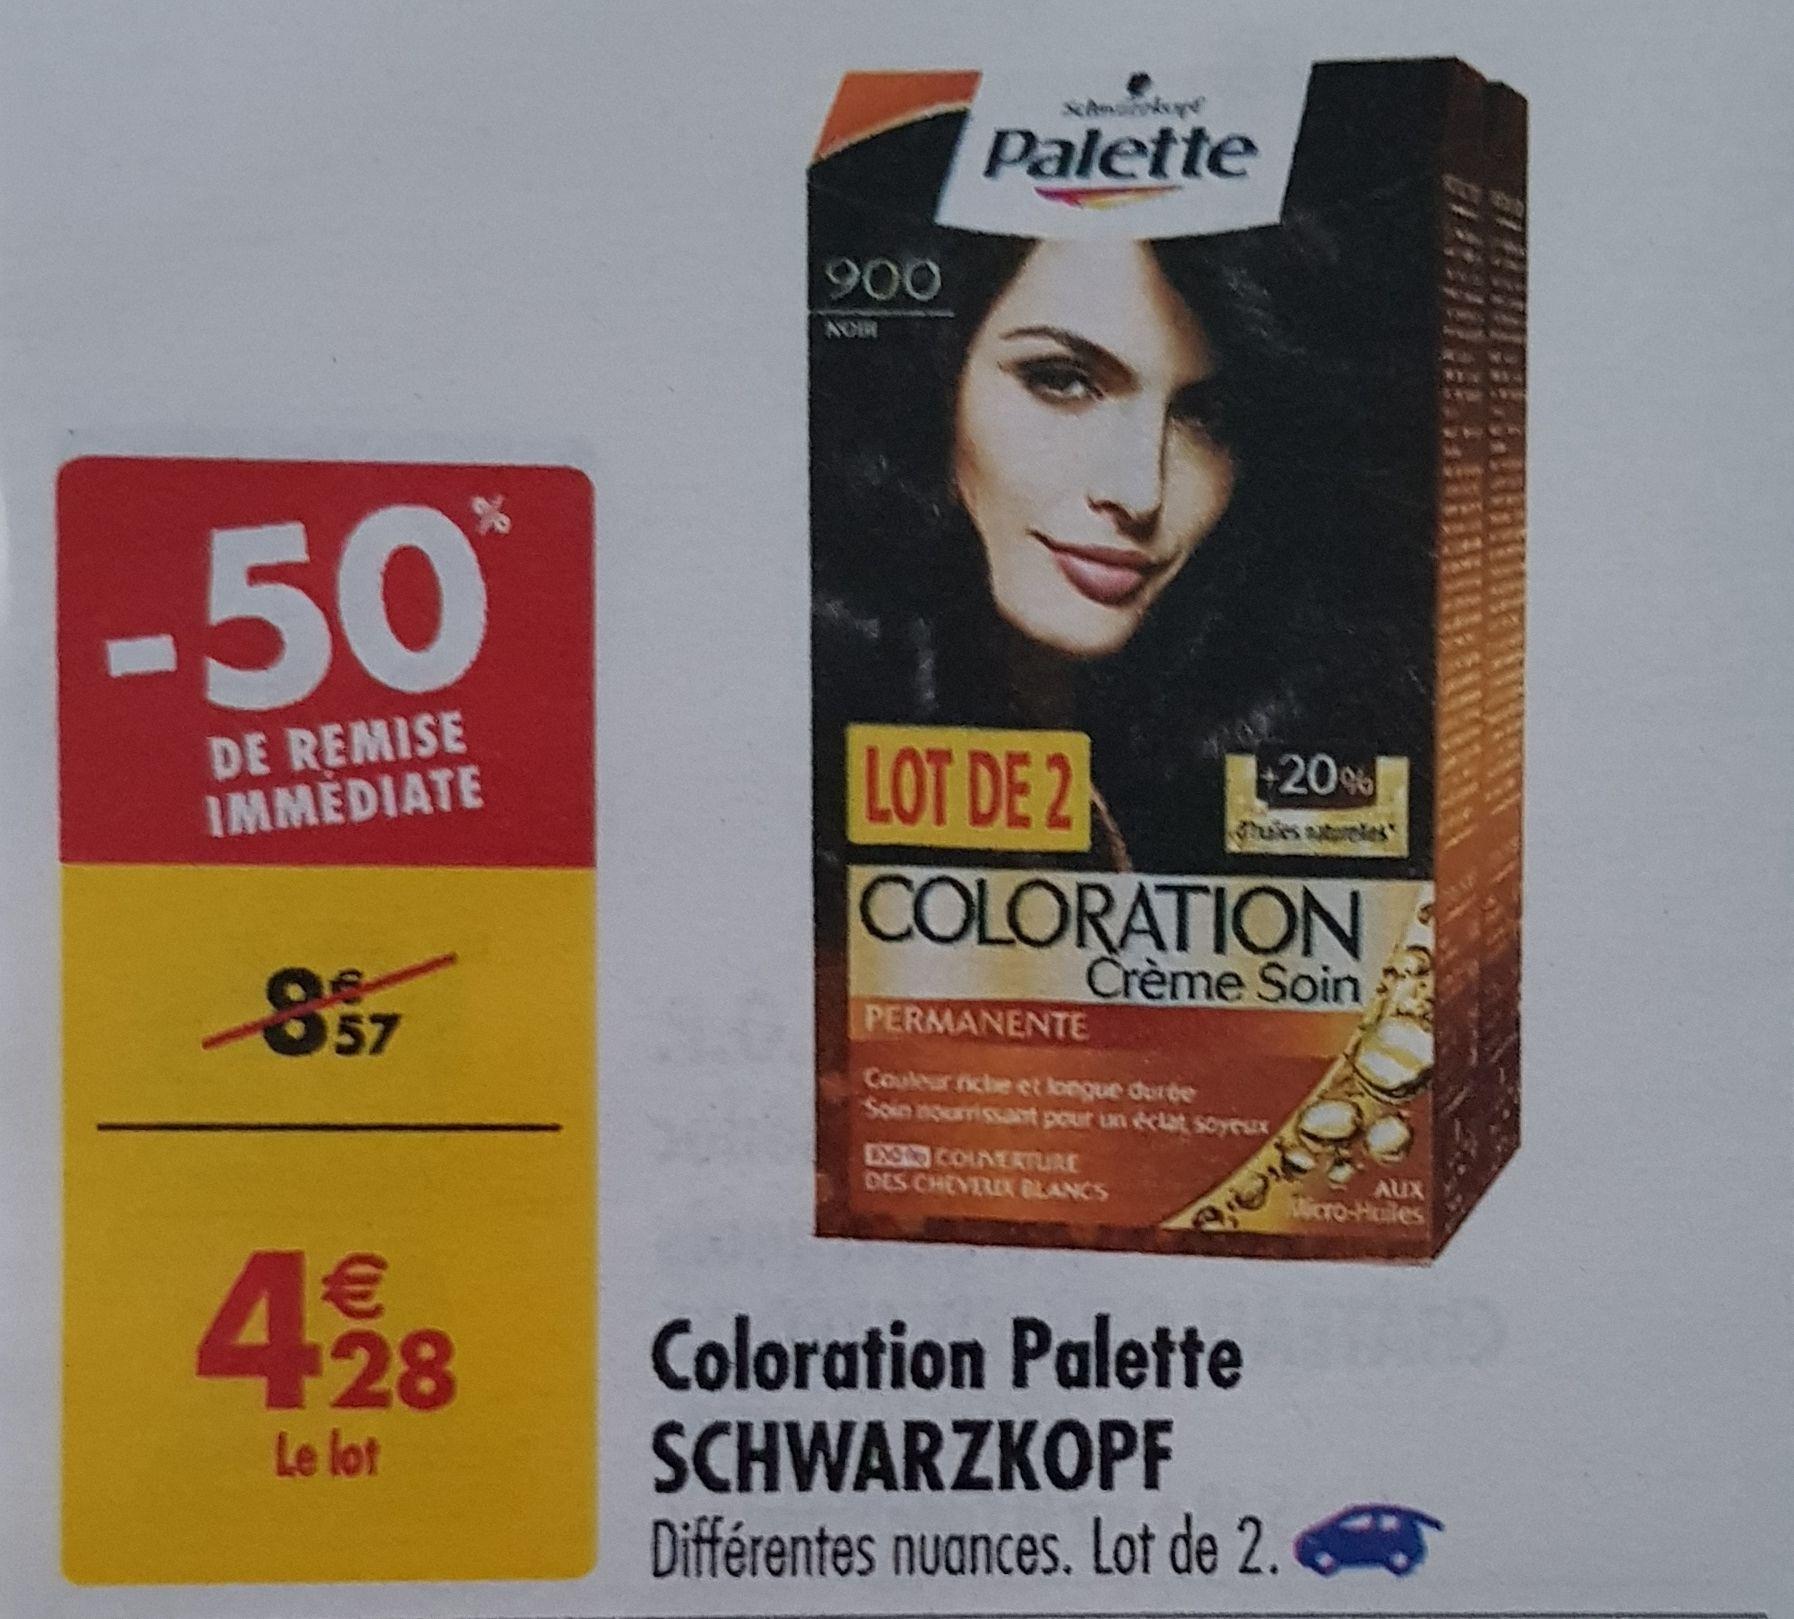 Lot de 2 colorations Palette Schwarzkopf (via BDR de 1€)